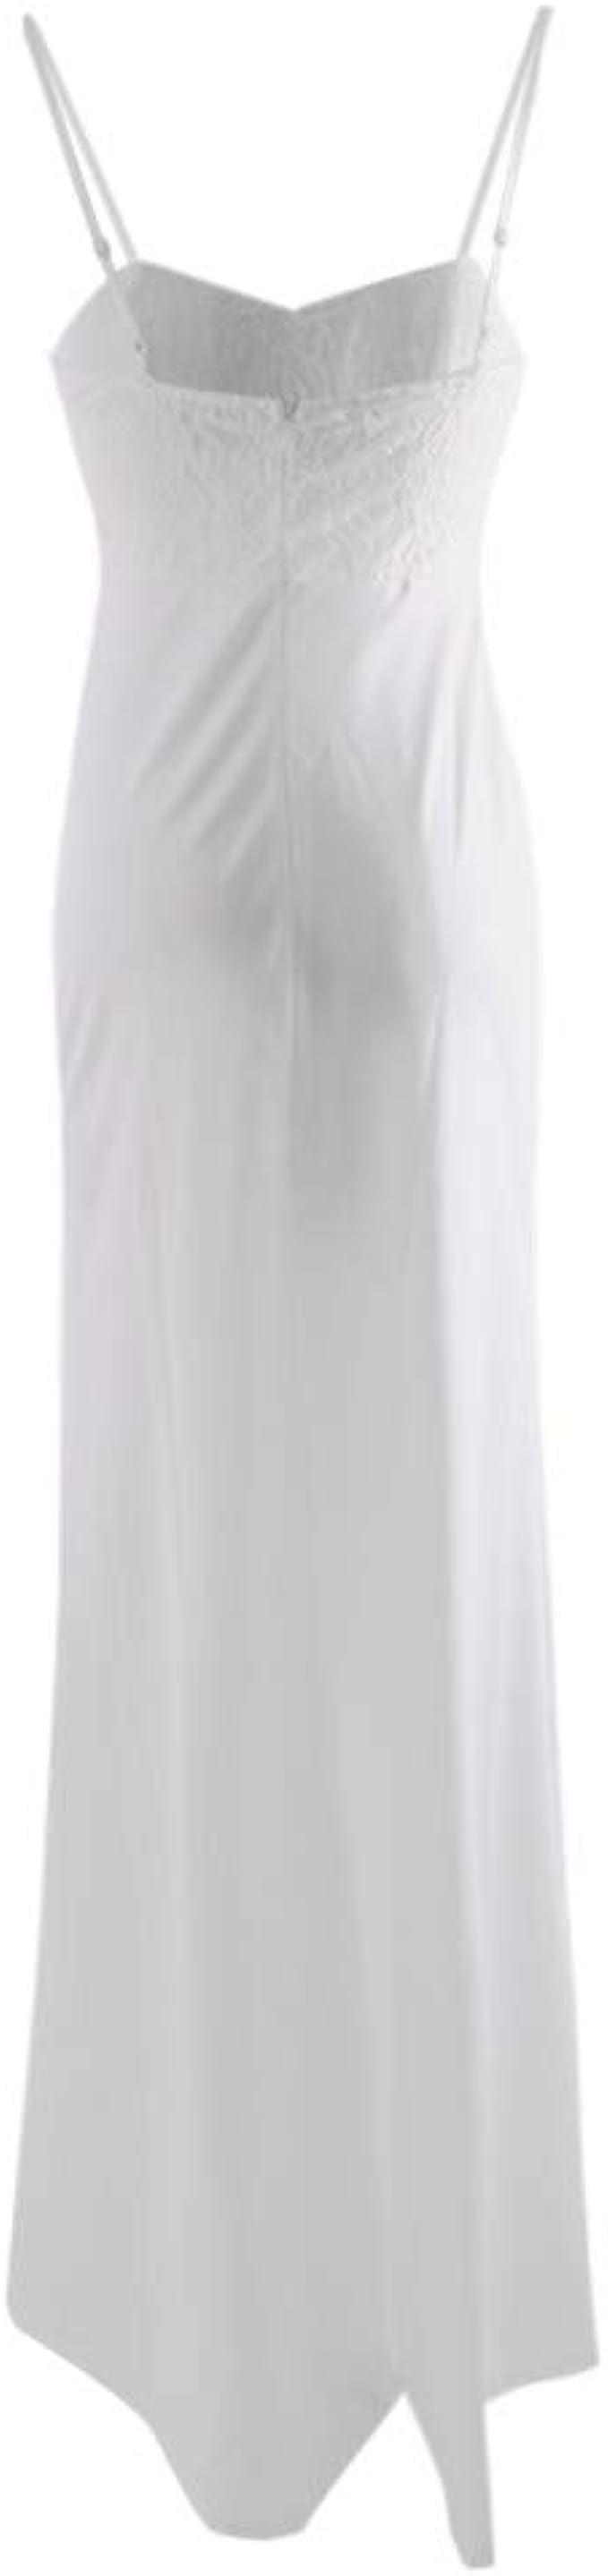 Vestidos para Mujer,Elegante Vestido de Novia de Encaje Vestidos de Boda del cordón Fiesta Vestidos Vestido de Cóctel Vestido de Noche Moda Slim Fit Largo Sexy Vestidos sin Manga vpass: Amazon.es: Ropa